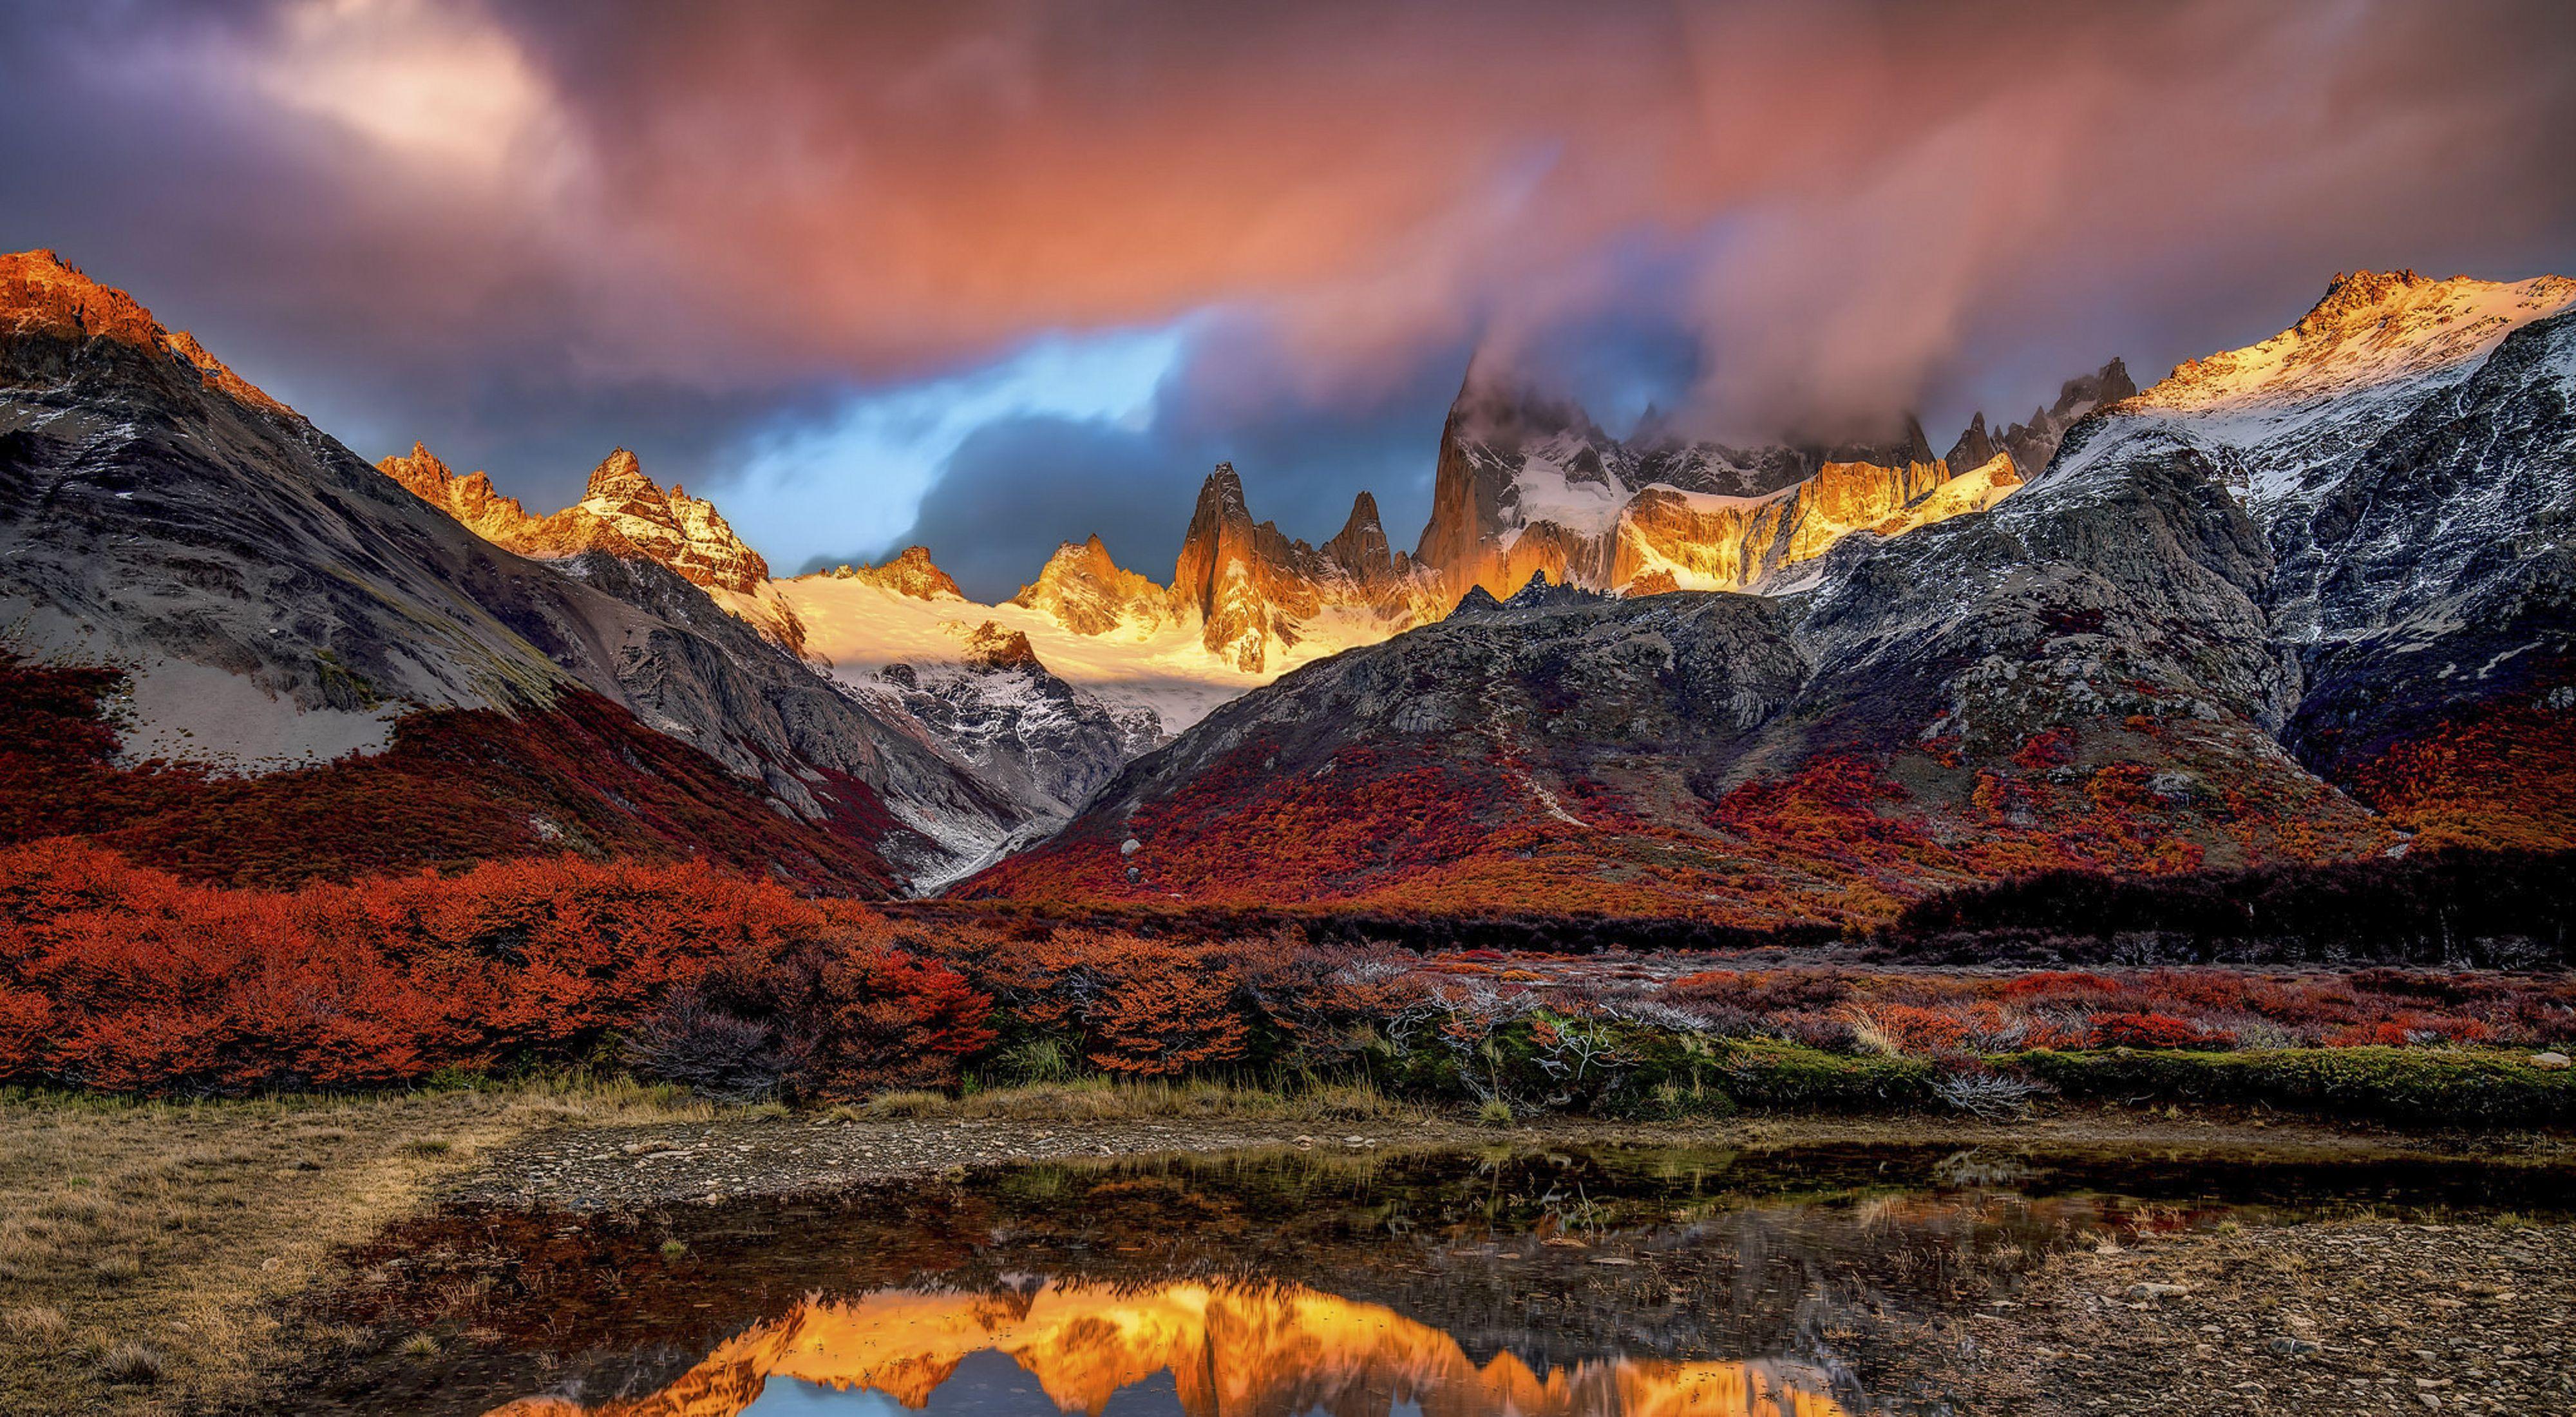 Un hermoso paisaje en la Patagonia, Argentina